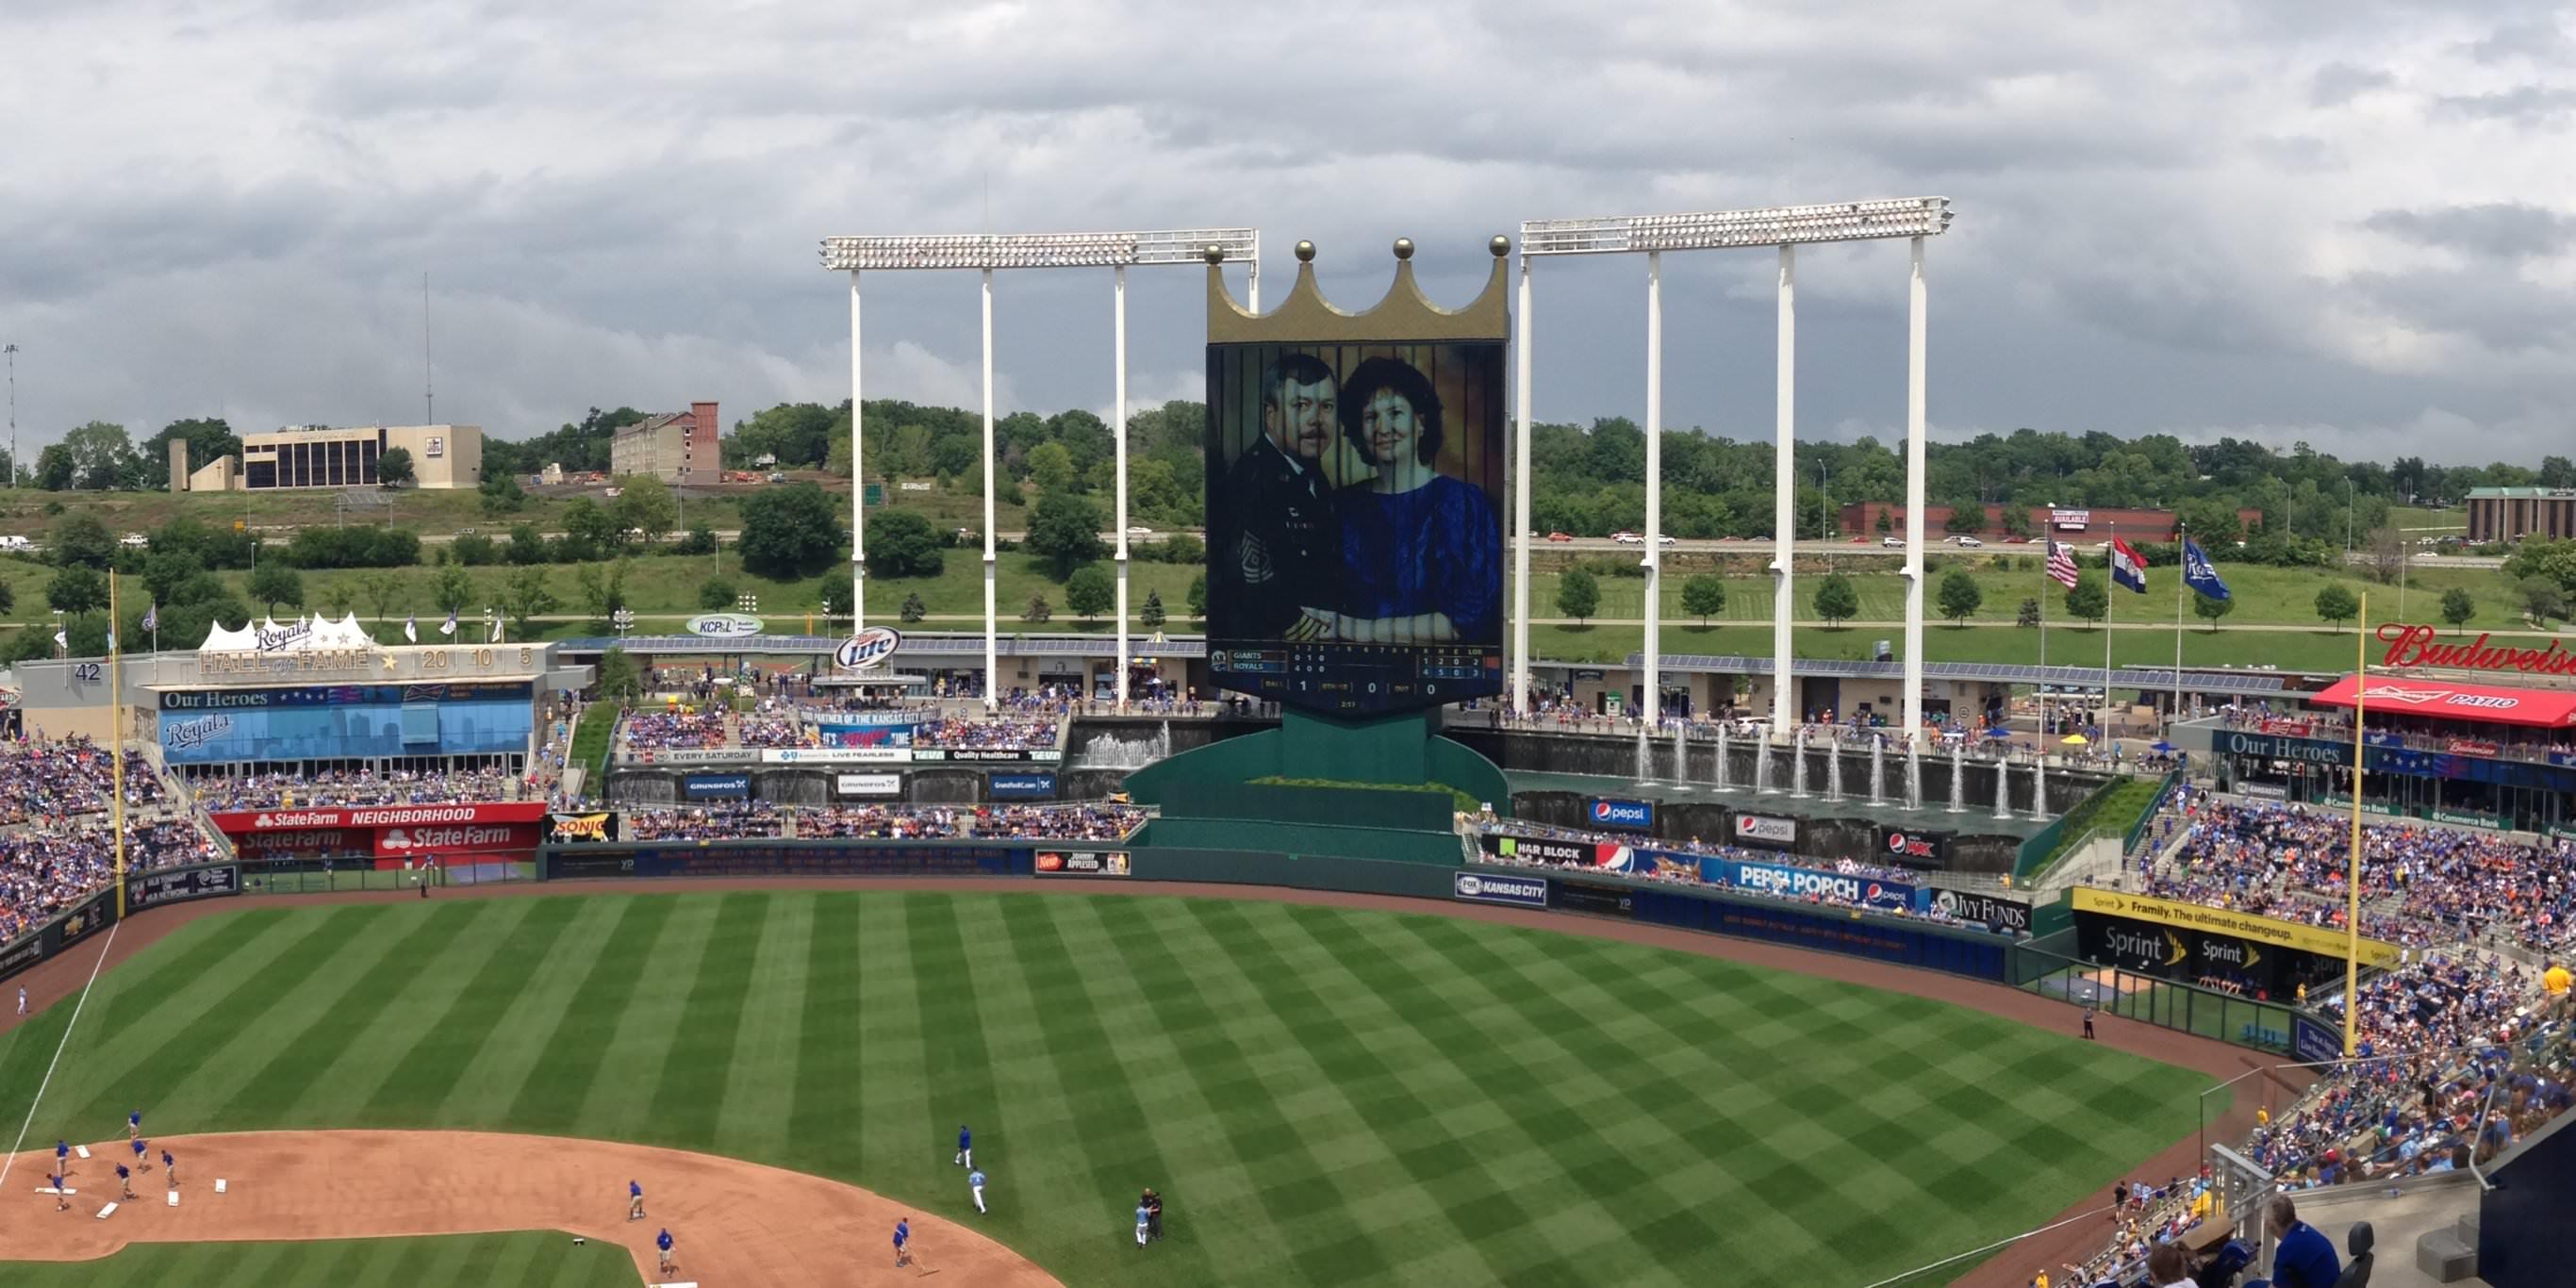 Um helicóptero de telejornal pegou um jogo de 'Mario Kart' sendo exibido na tela jumbotron de 106 pés do Kansas City Royals (NTDOY)